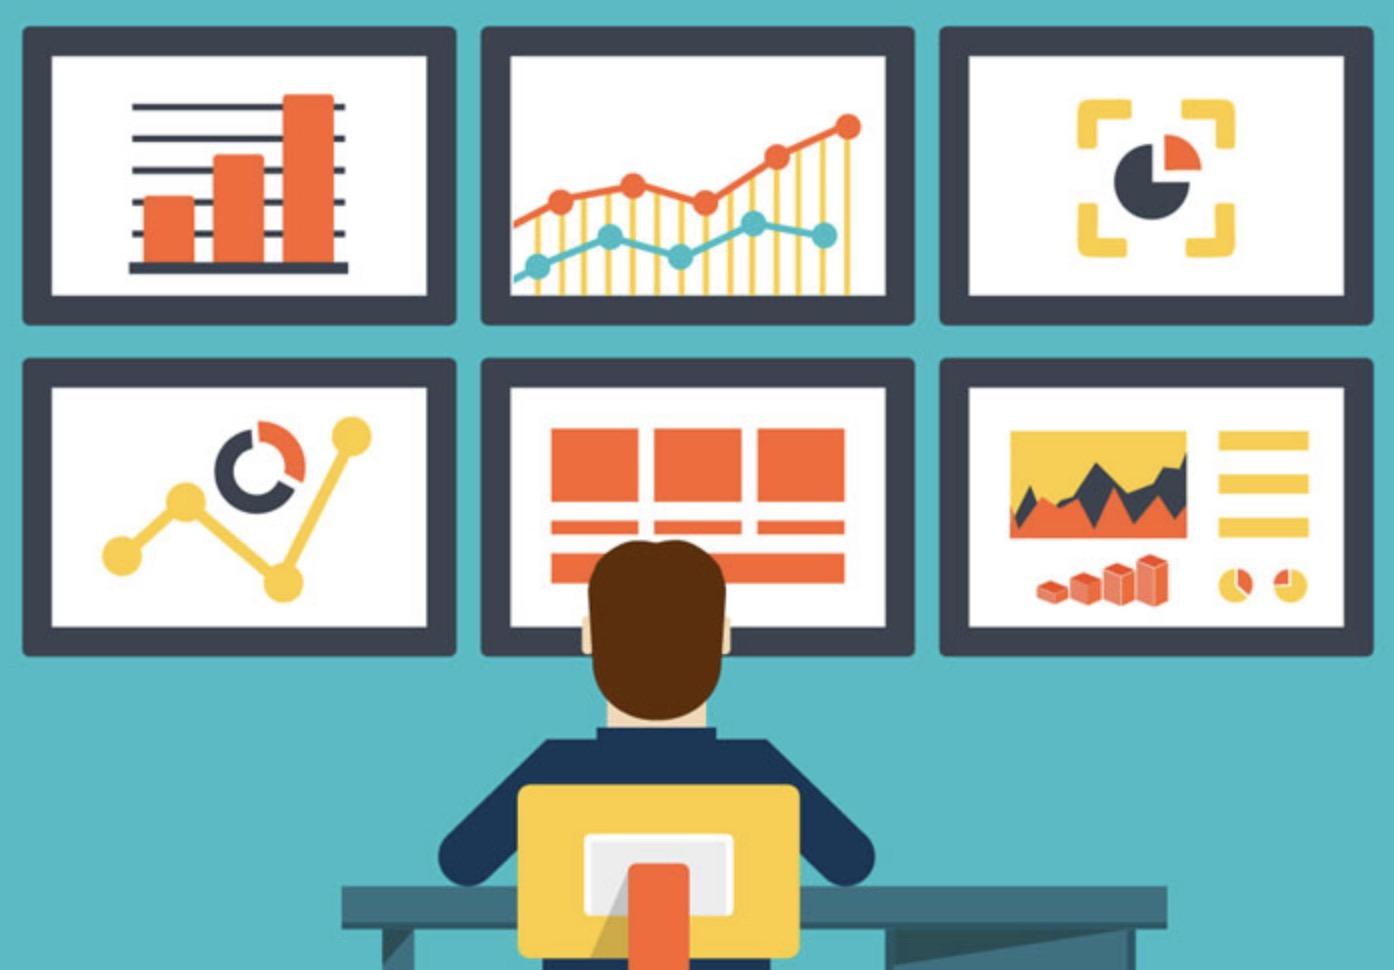 AdWords Has Impressive Analytics